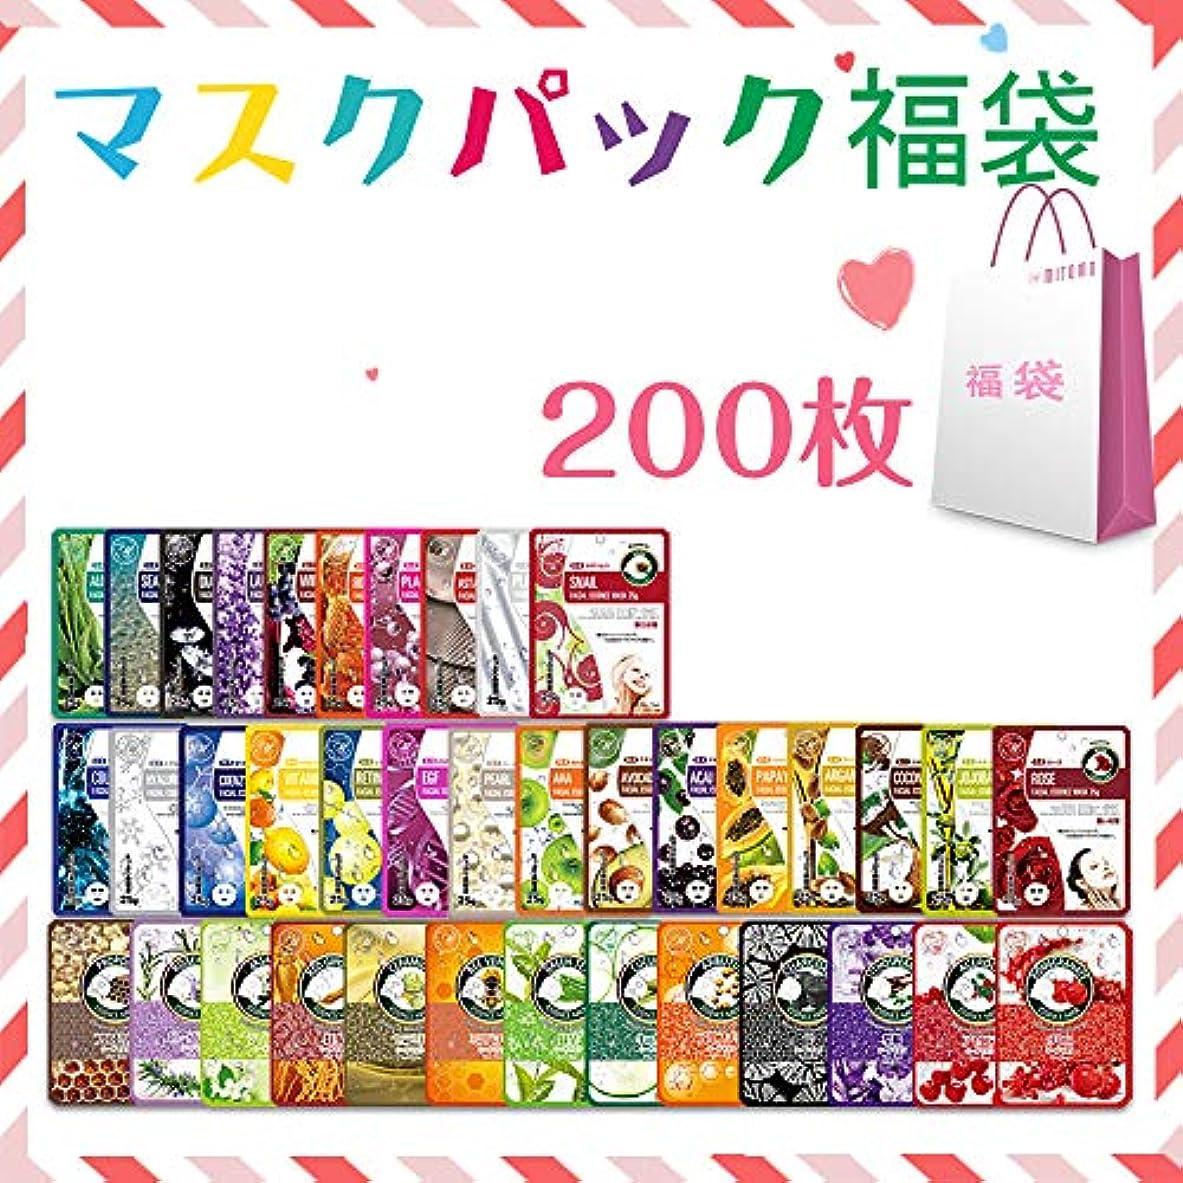 火薬聖職者美容師【LBPRKL0200】シートマスク/200枚/美容液/マスクパック/送料無料